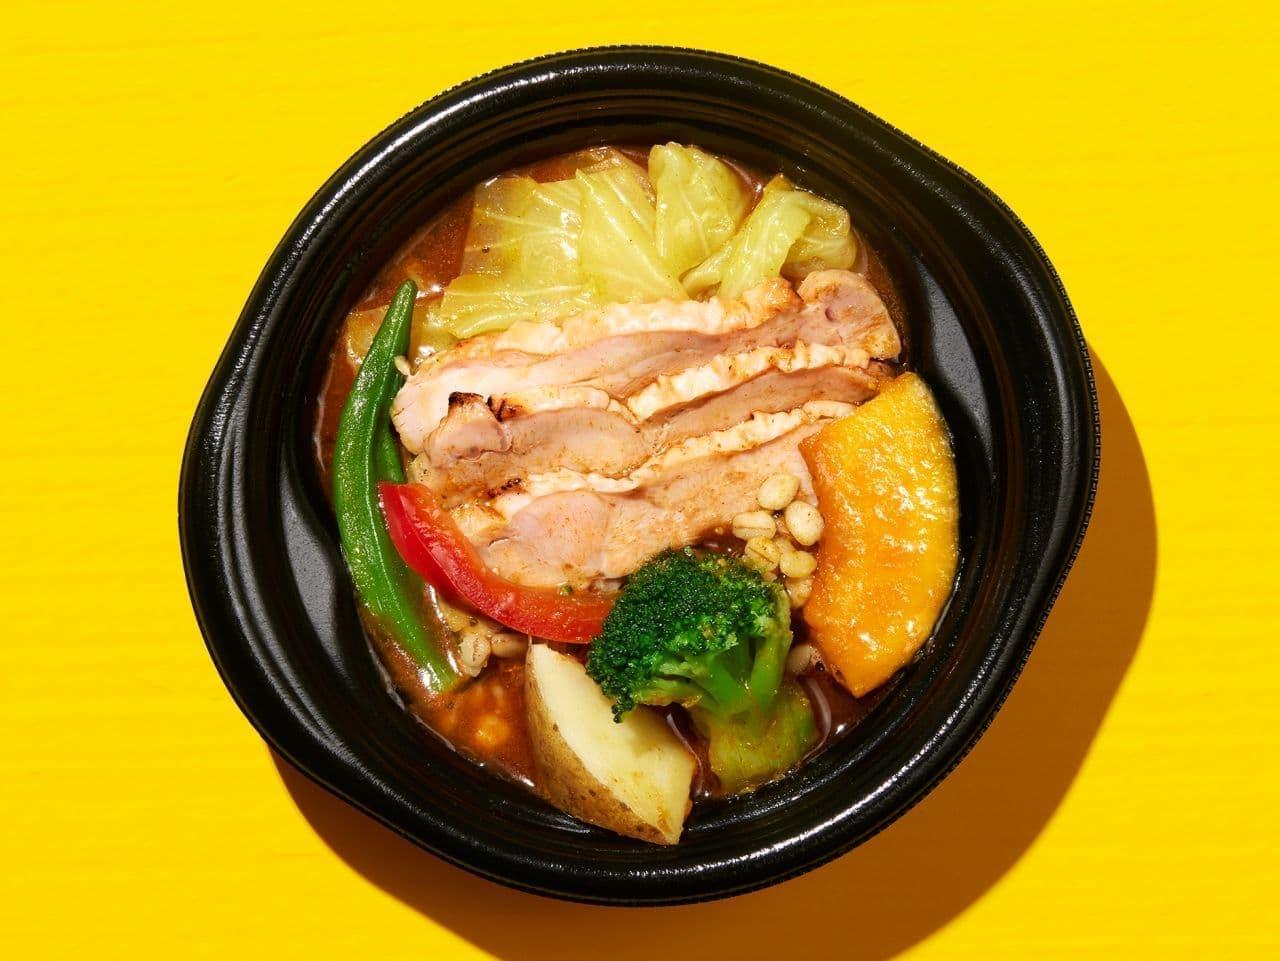 ファミリーマート「グリルチキンと7種野菜のスープカレー押麦入」